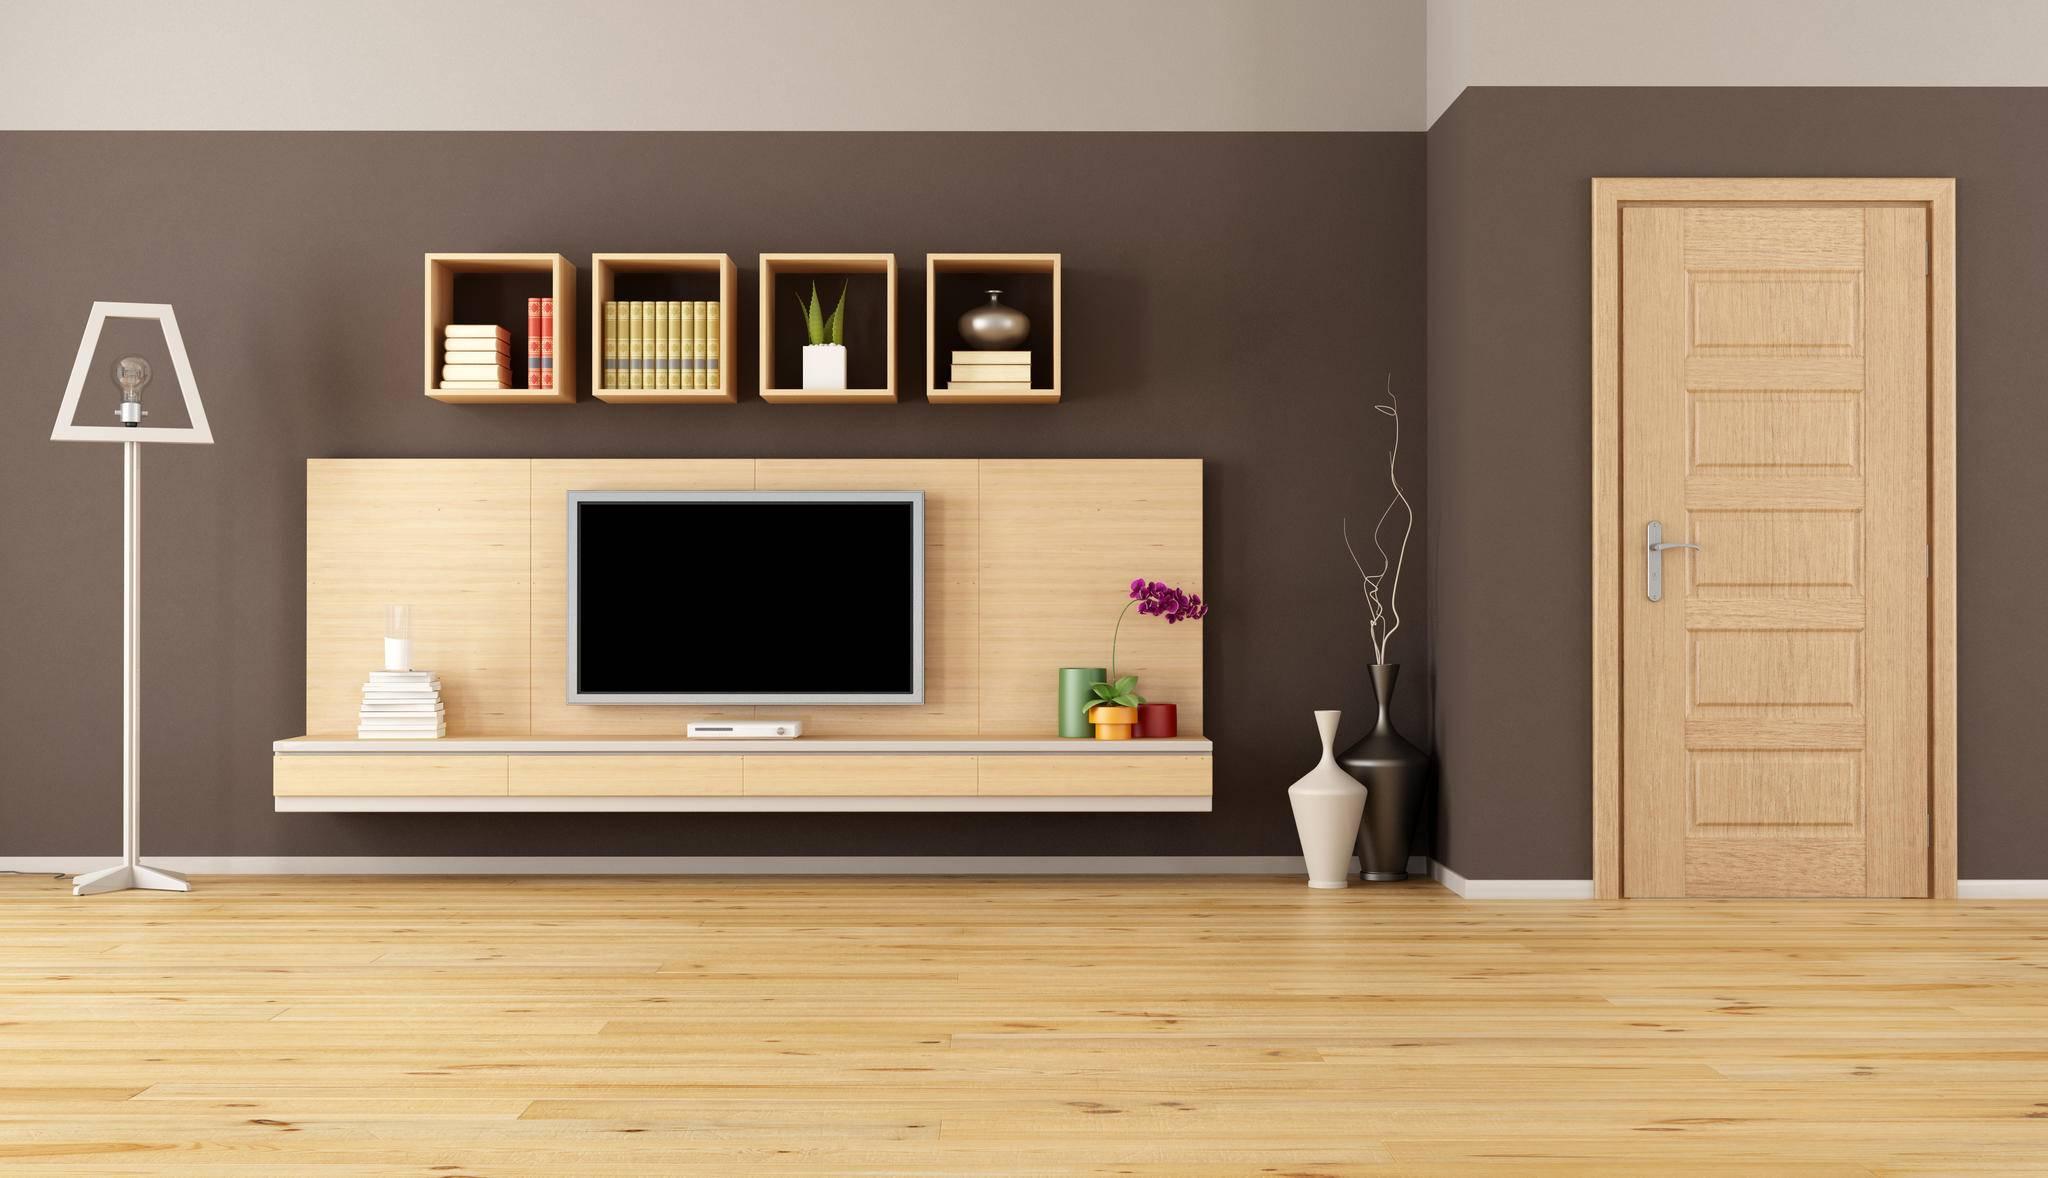 Fernseher Im Schlafzimmer Verstecken perfekt integriert so lässt sich der fernseher verstecken